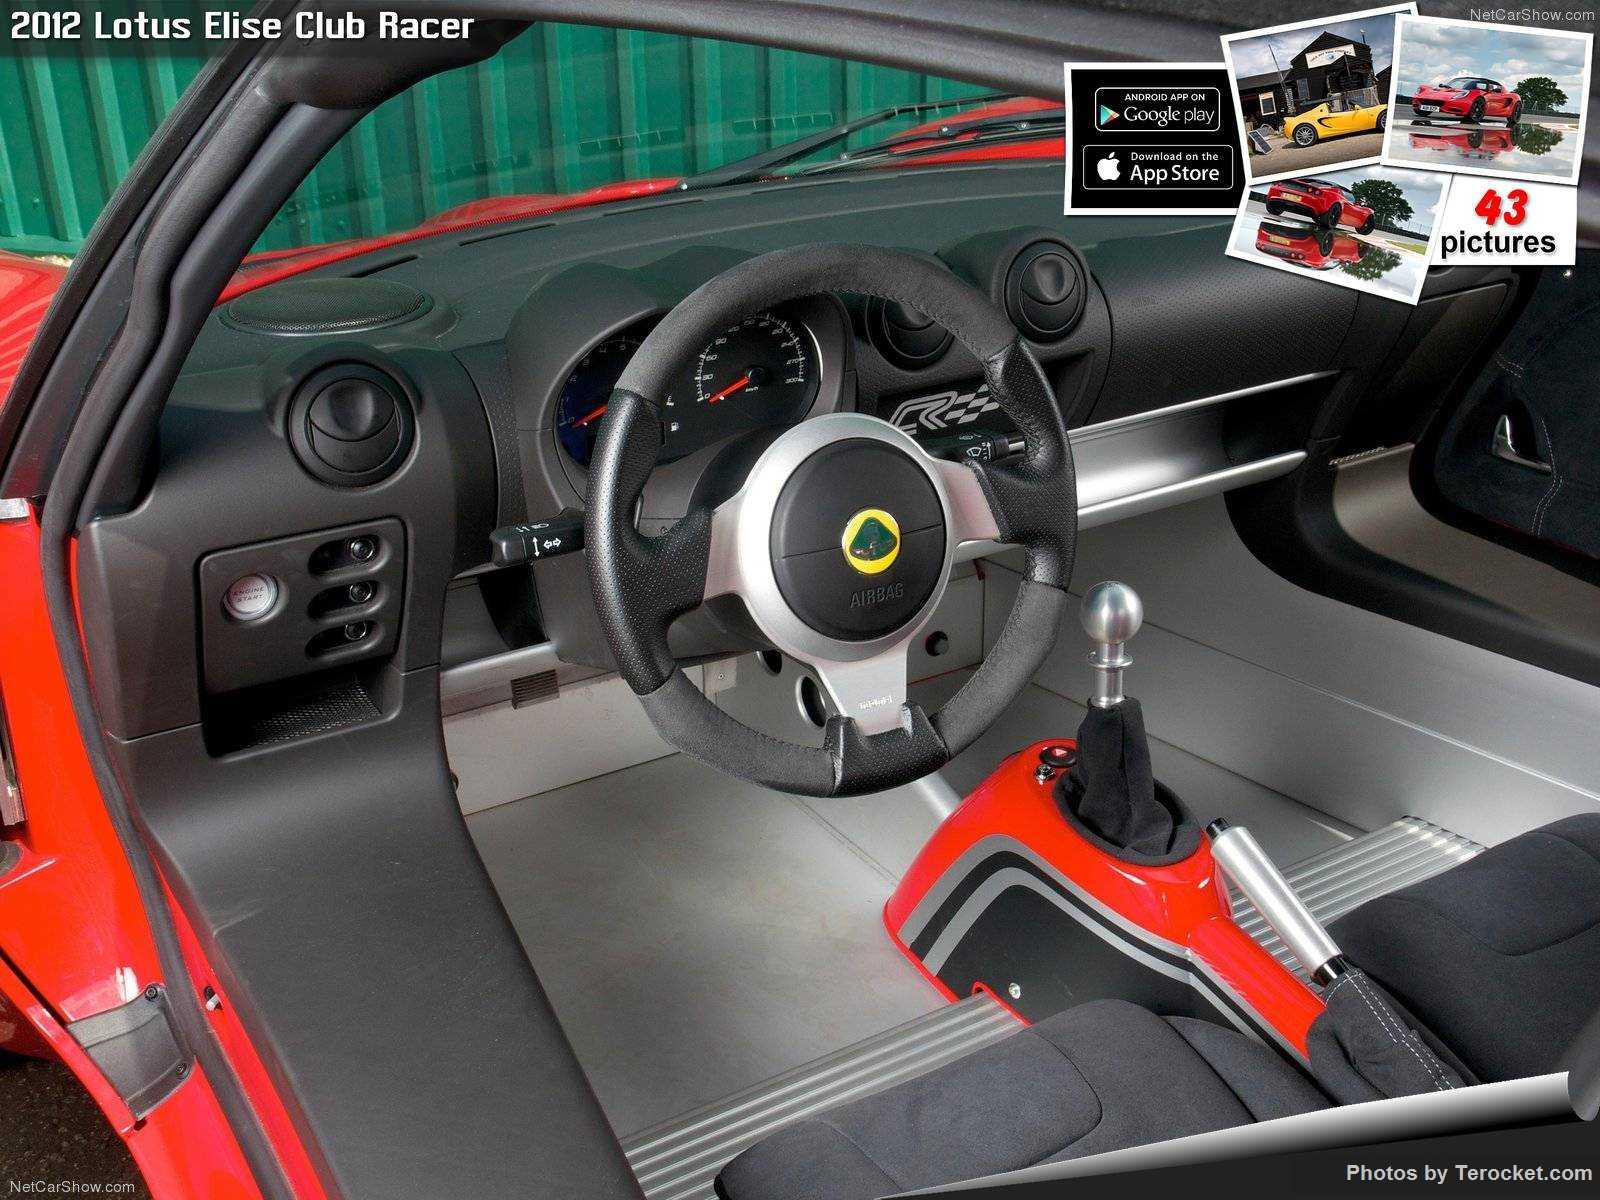 Hình ảnh siêu xe Lotus Elise Club Racer 2012 & nội ngoại thất